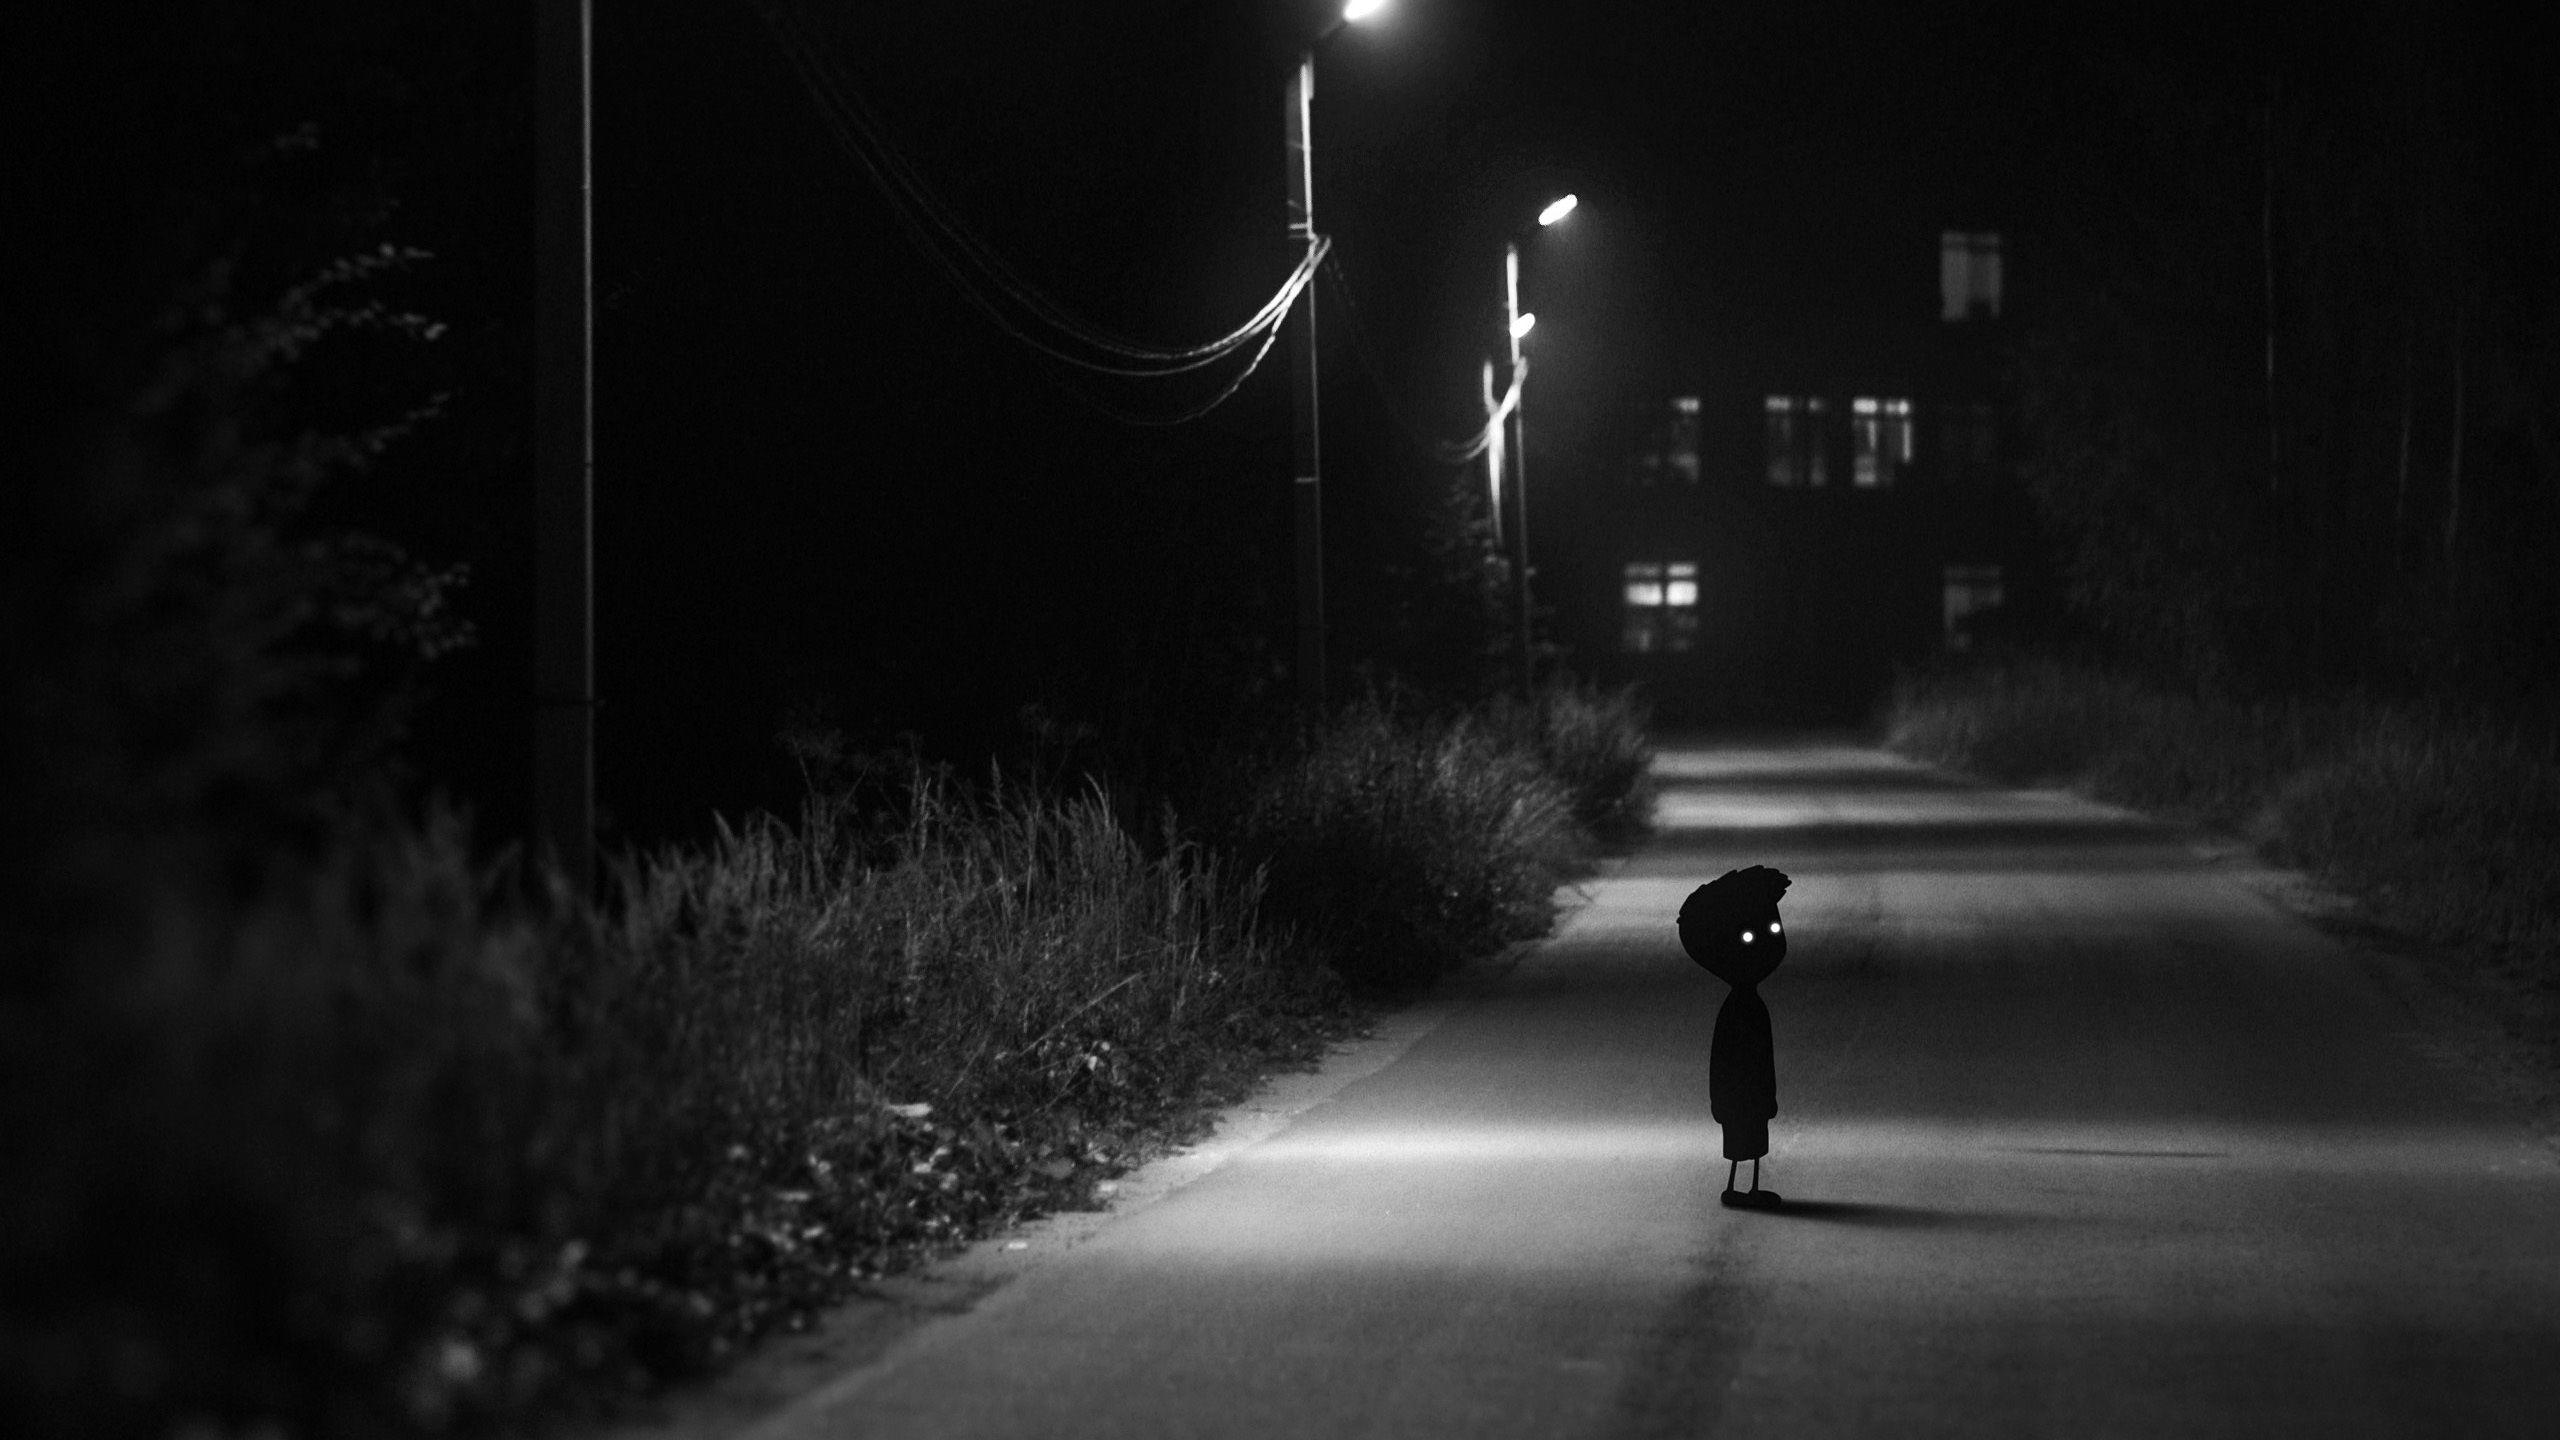 wandering alone at night - HD2560×1440